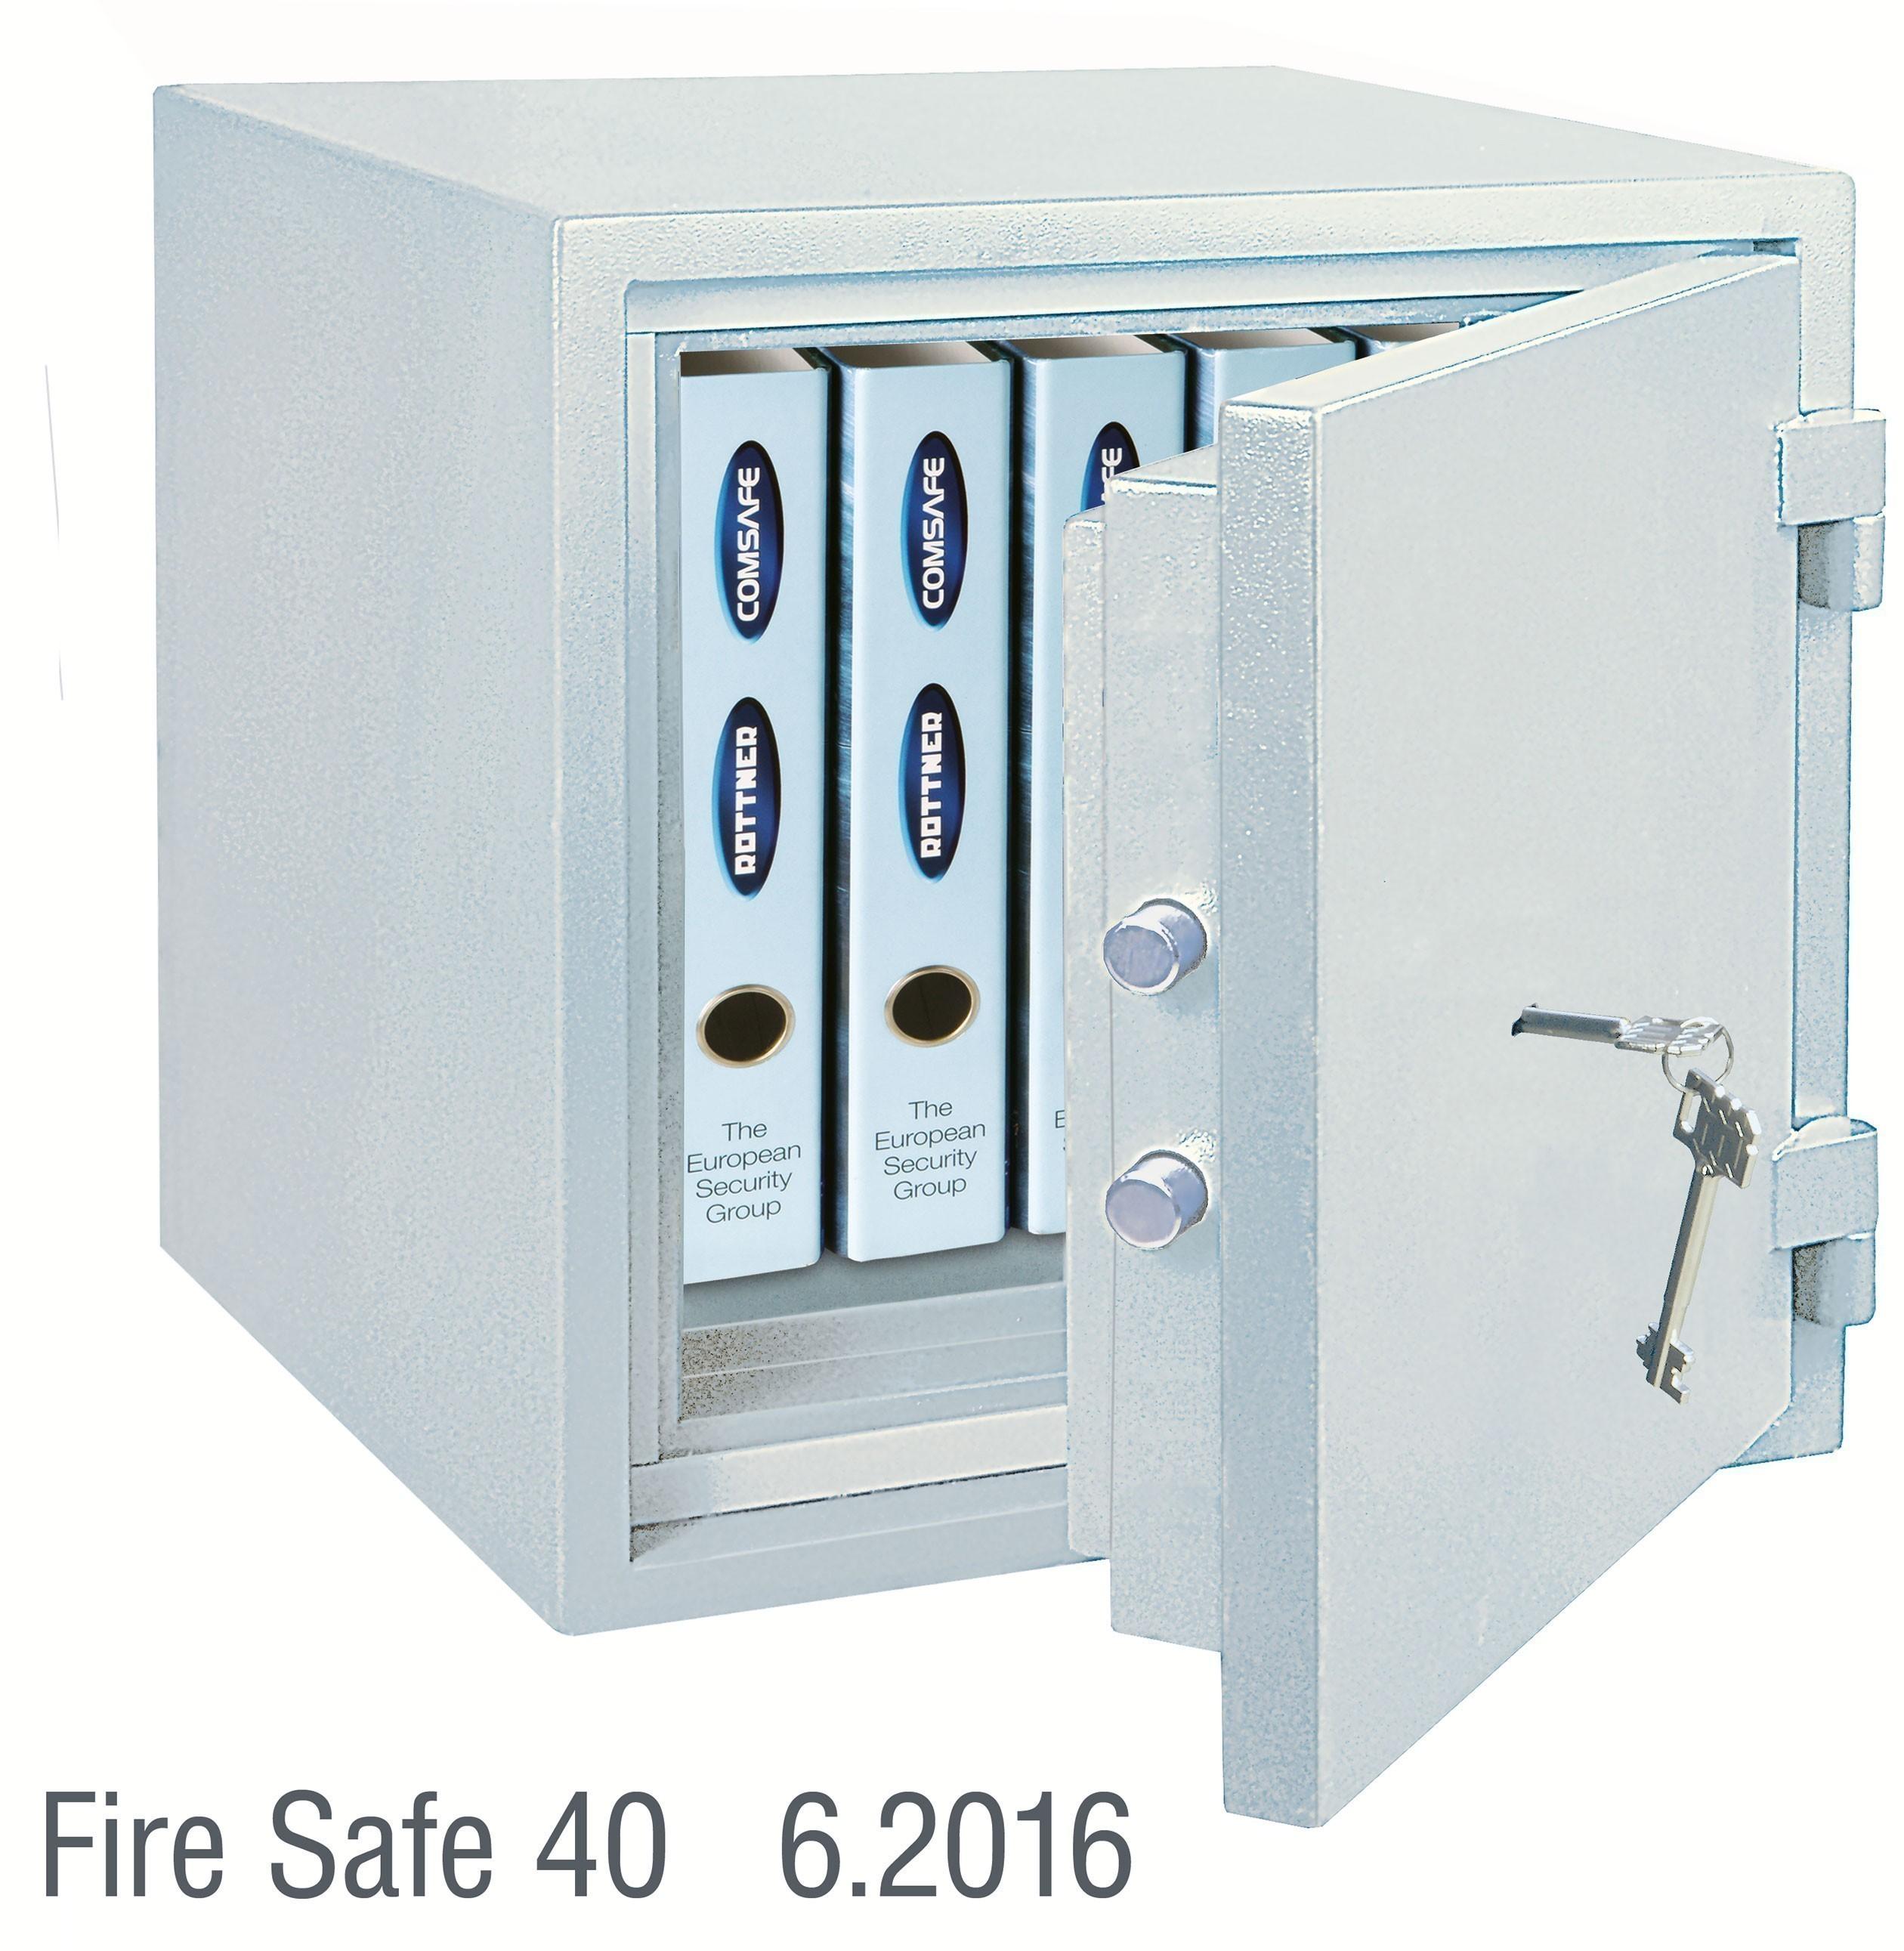 Rottner Dokumententresor feuersicher Fire Safe 40DB grau 460x440x440mm Bild 1